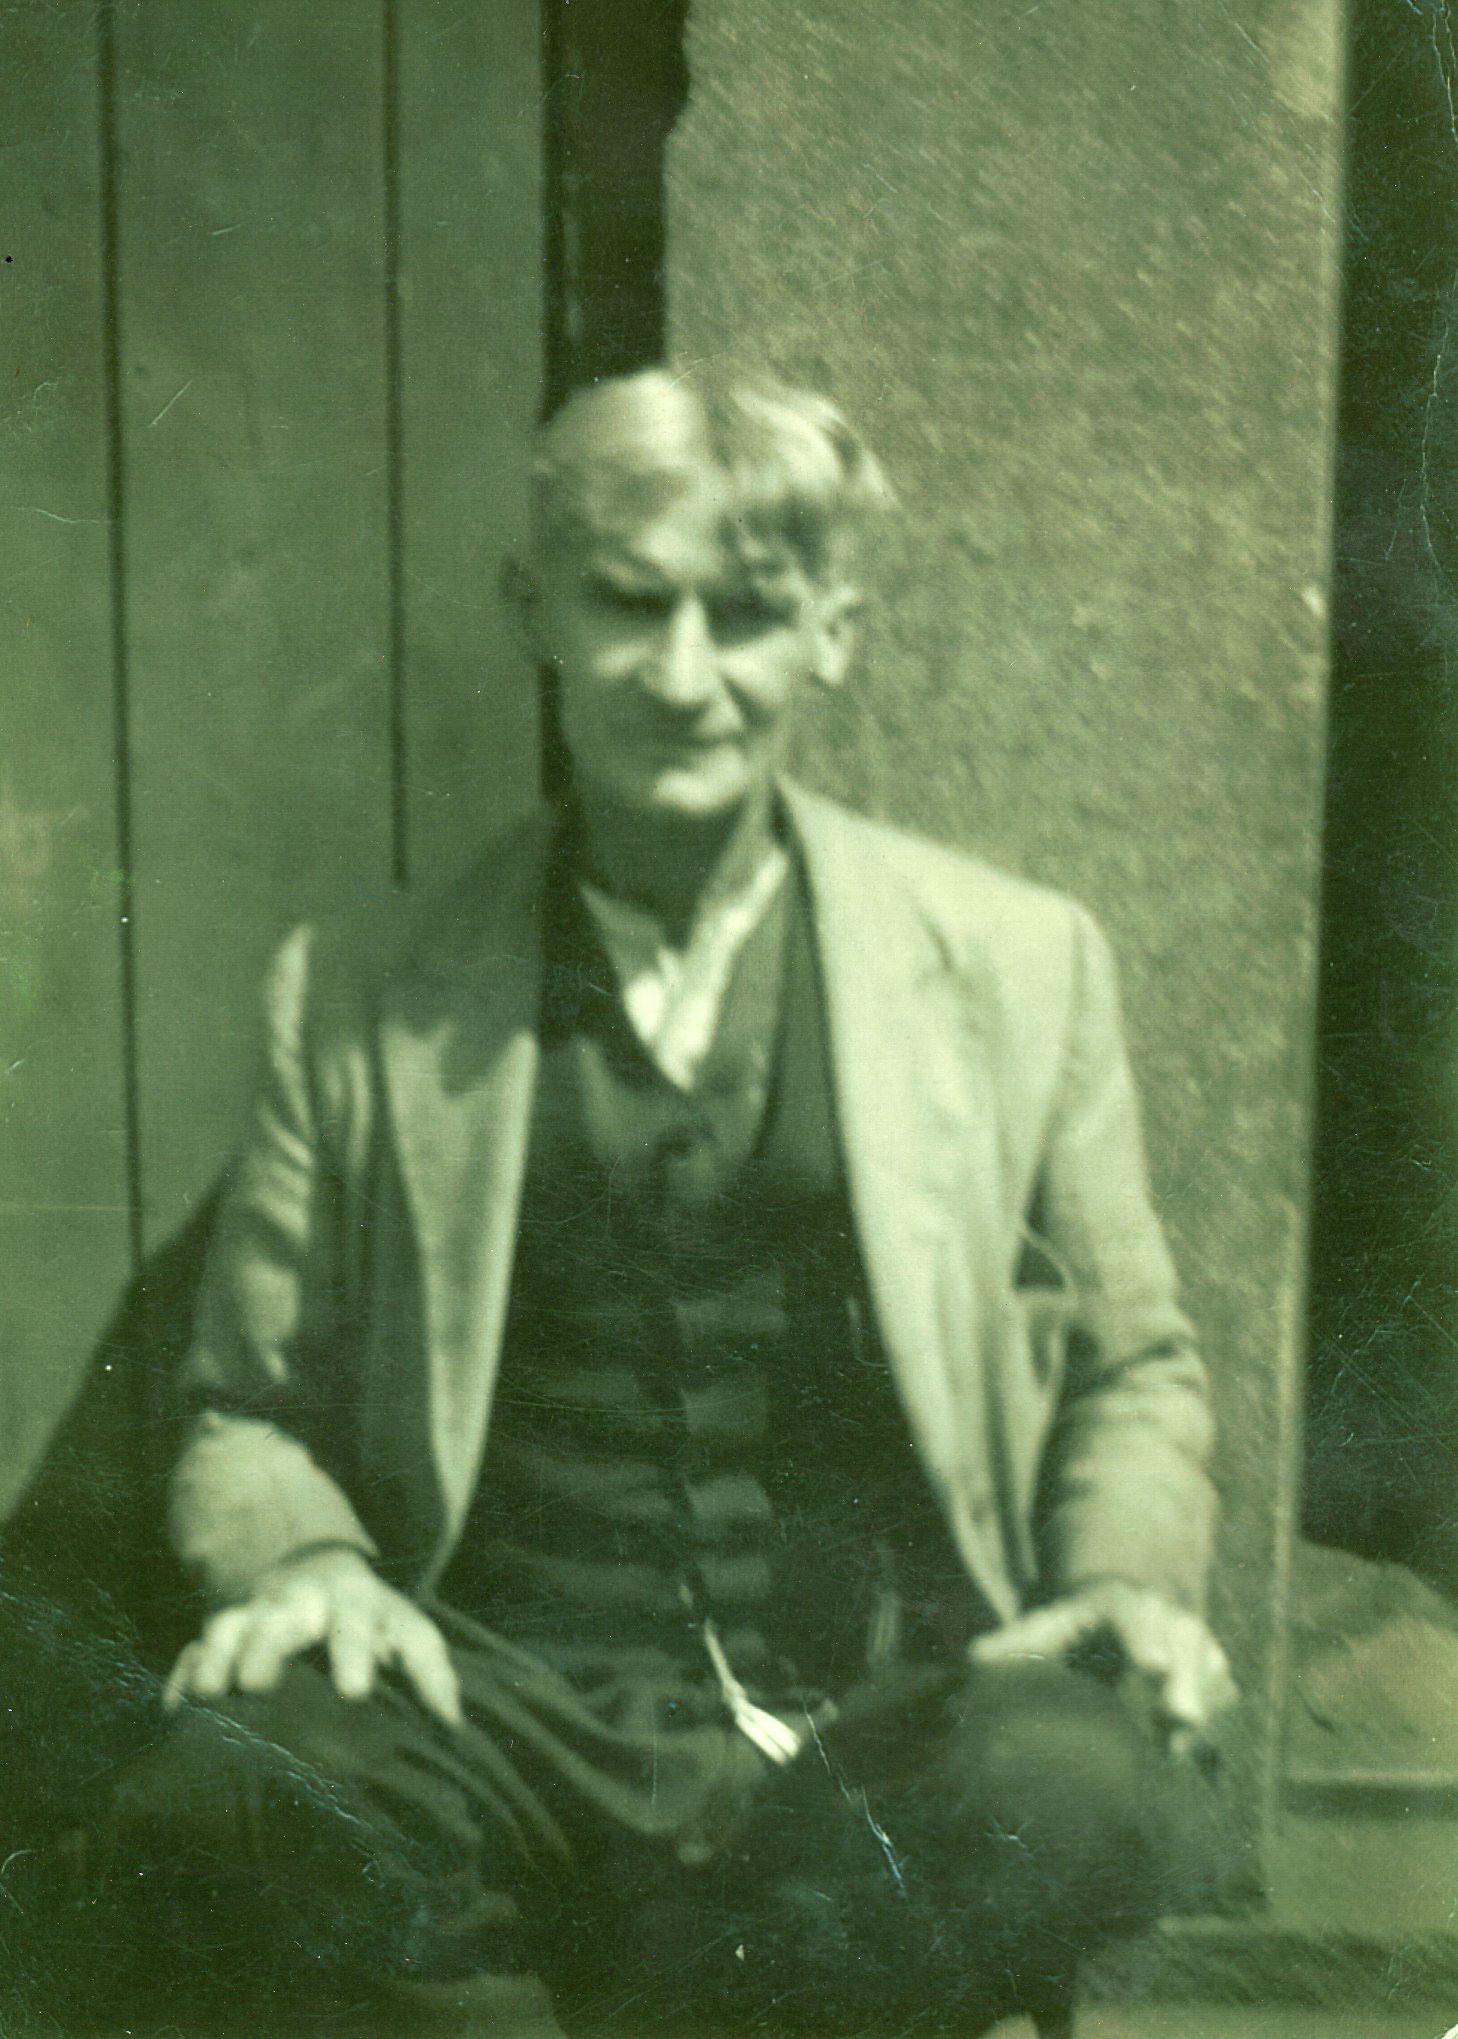 Cornelius Norman